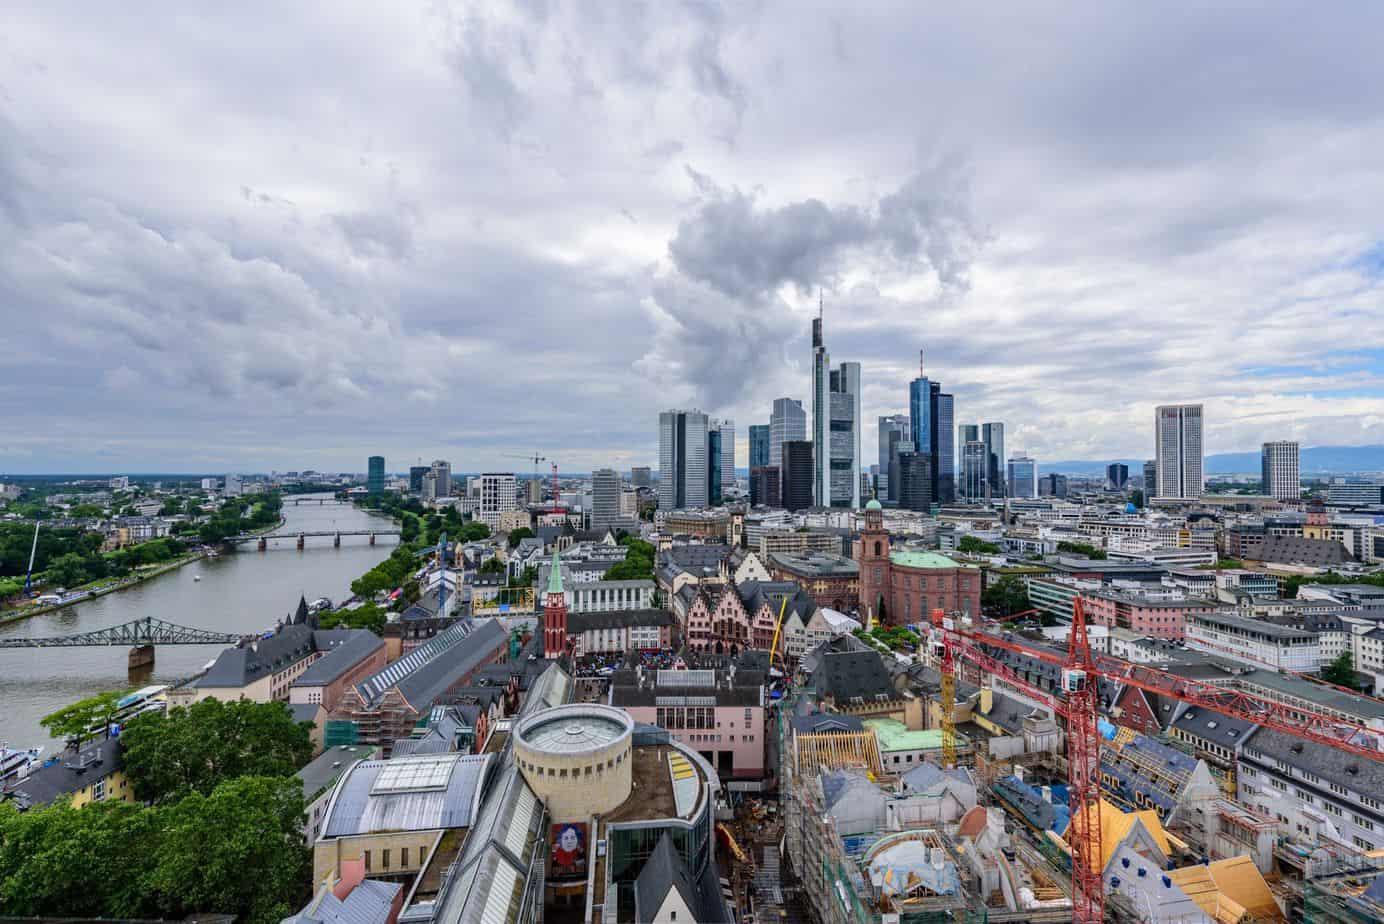 أفضل 4 أنشطة في كاتدرائية فرانكفورت المانيا